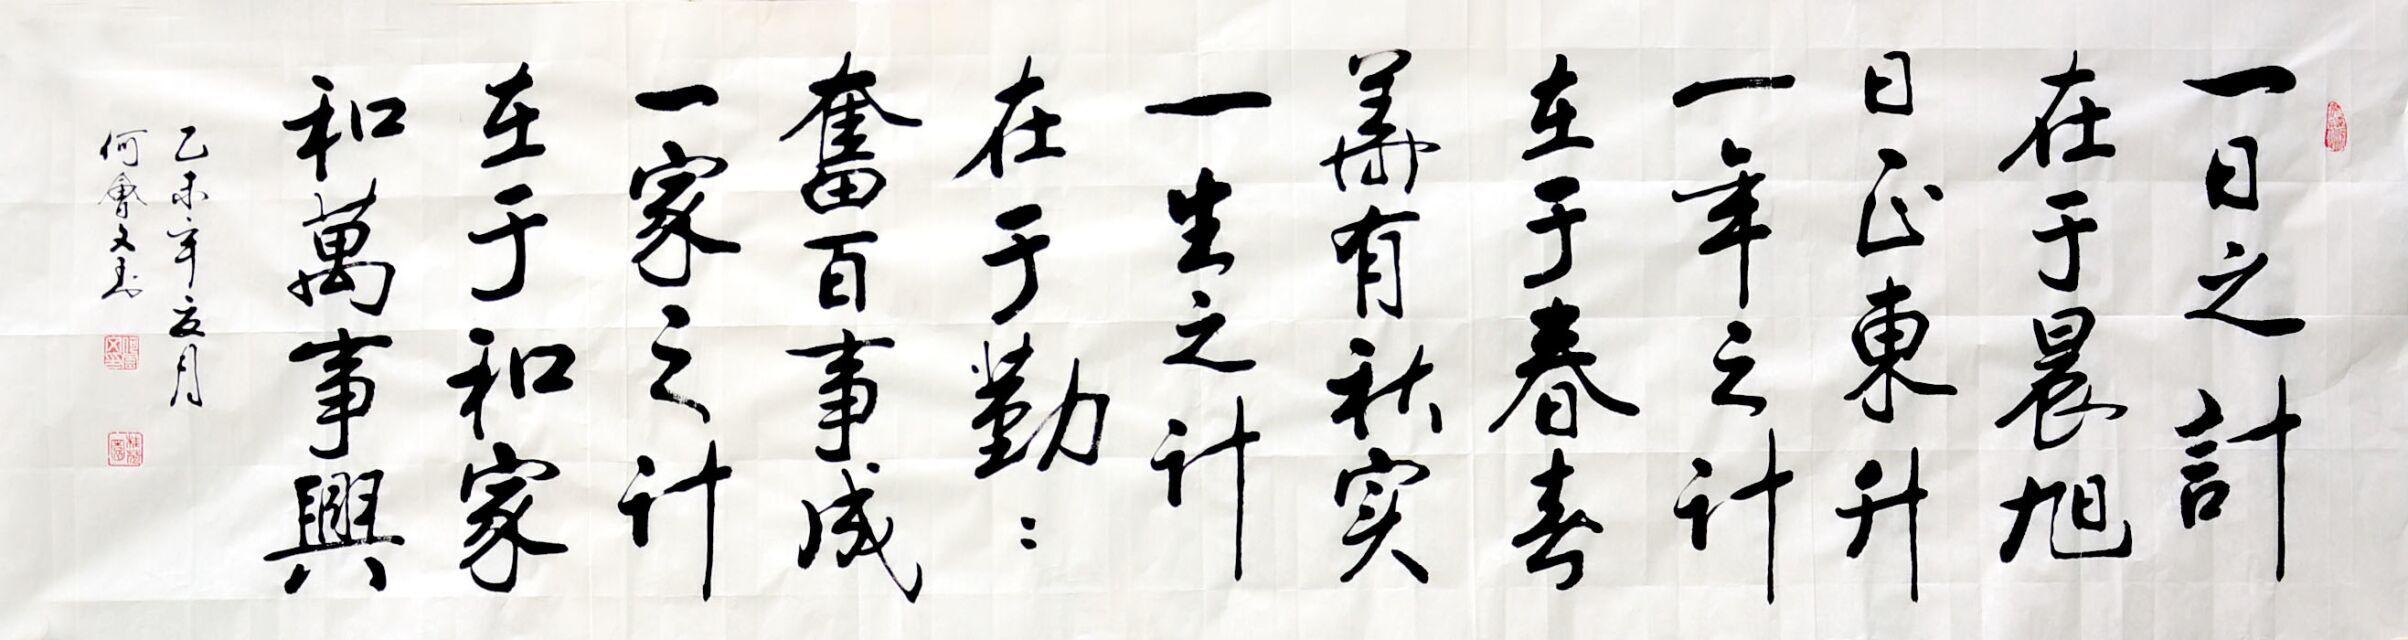 「一年の計は元旦にあり」とは?意味や由来と続きを調べた!のサムネイル画像